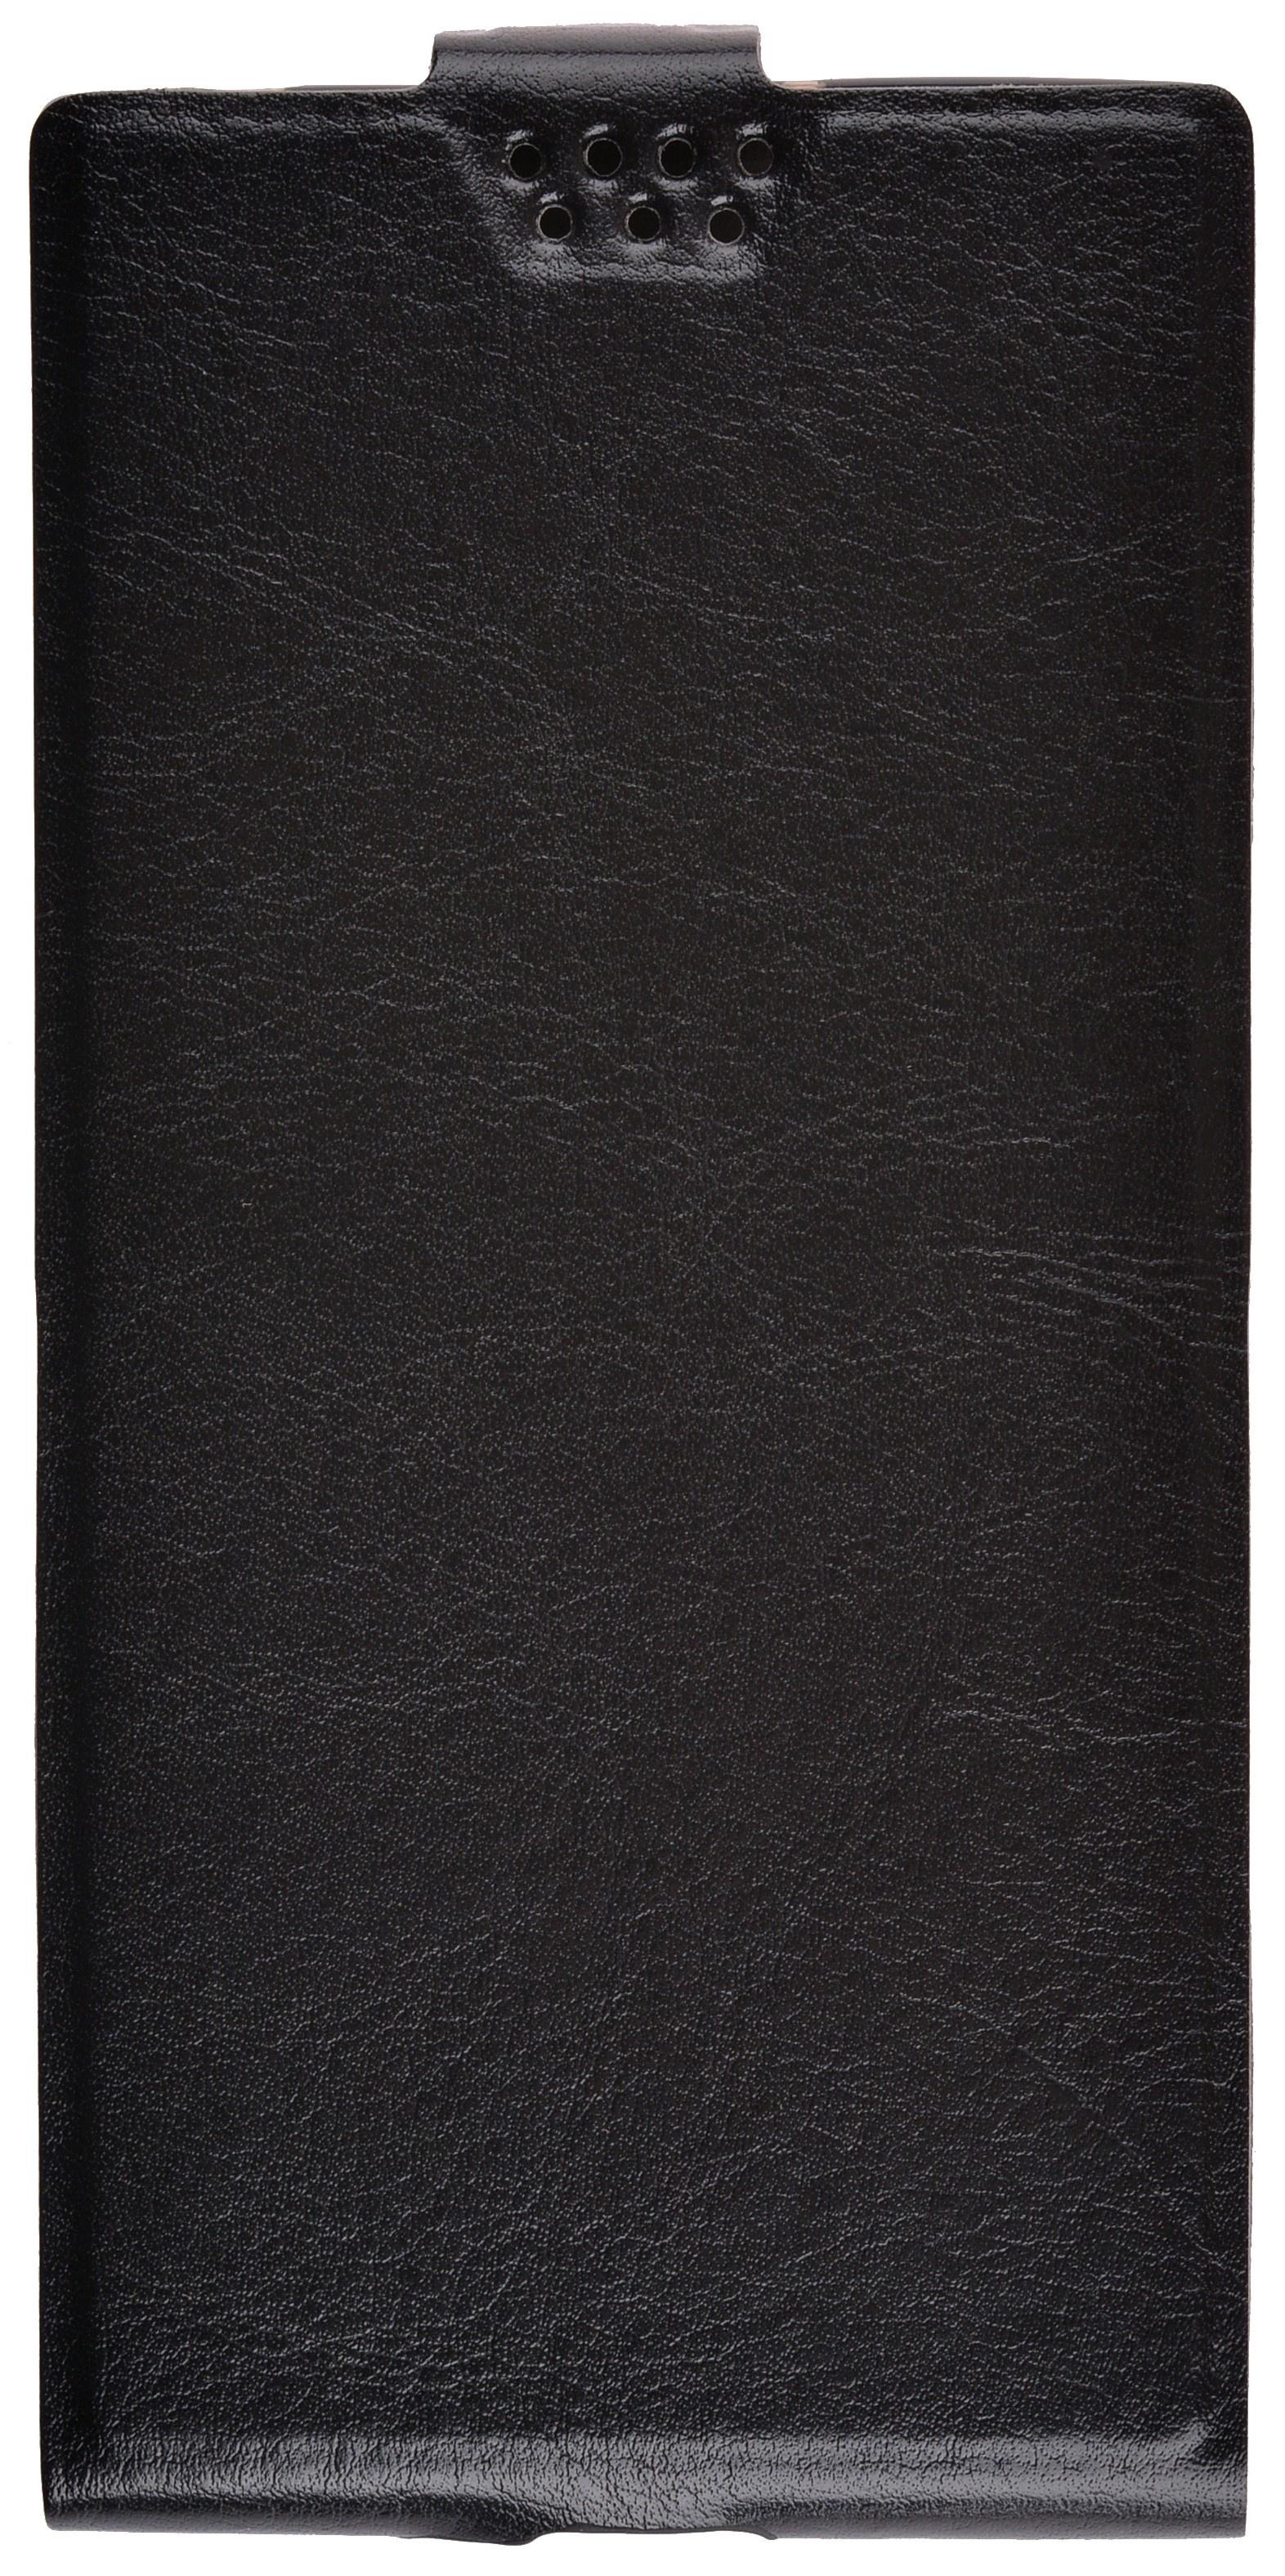 Чехол для сотового телефона skinBOX Flip slim, 4630042529090, черный чехол для сотового телефона skinbox flip slim 4660041407587 черный